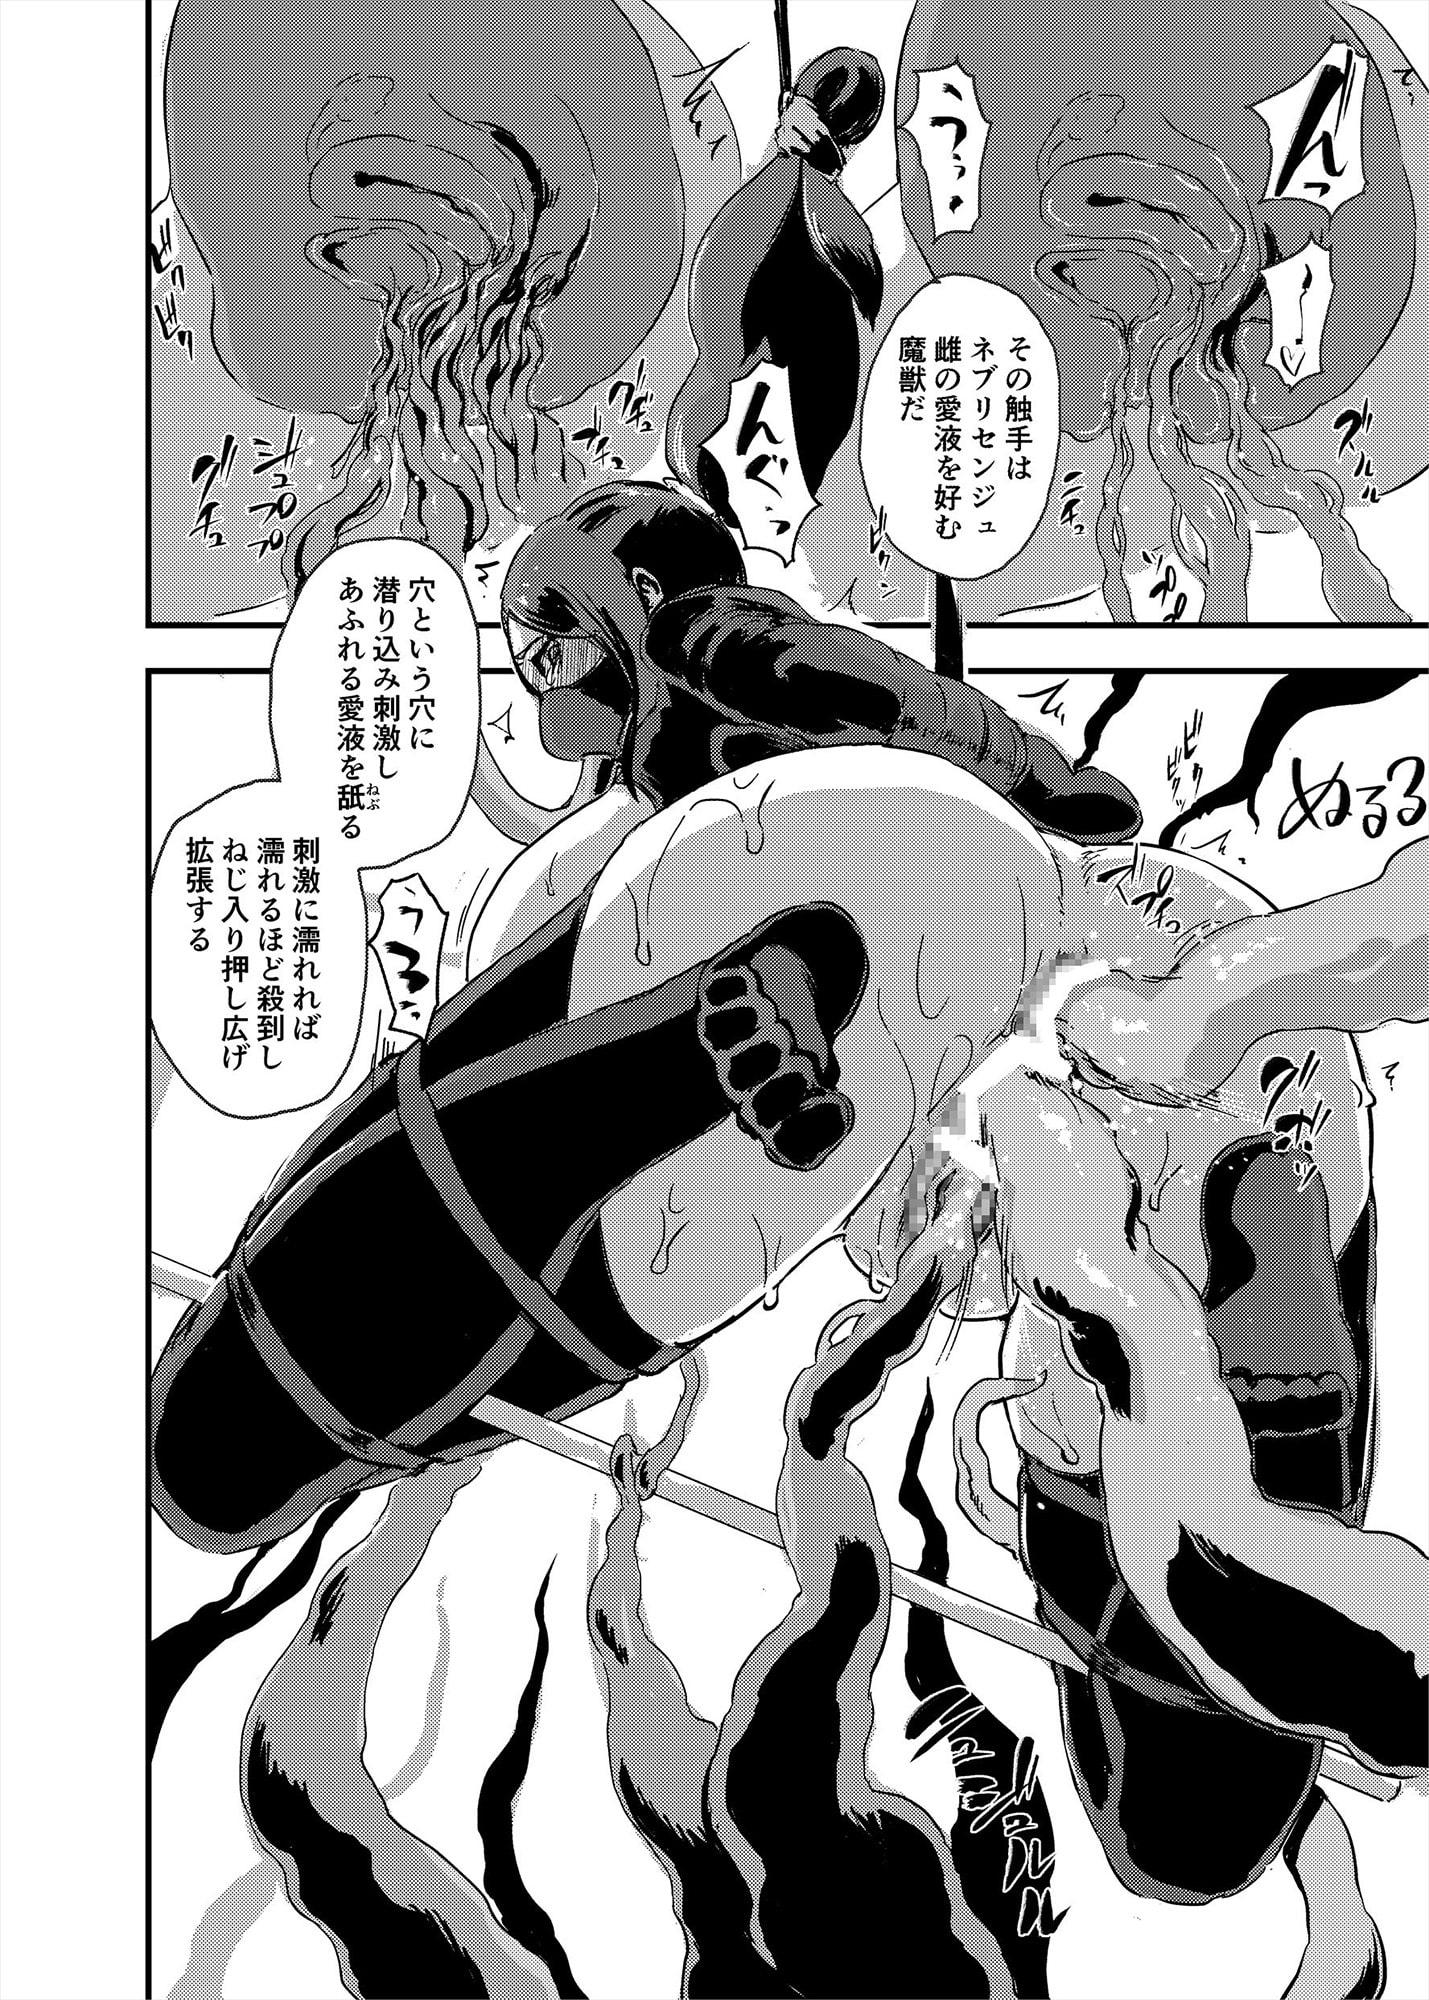 魔獣帝国秘史 中 夫のために快楽拷問に耐える亡国の王妃